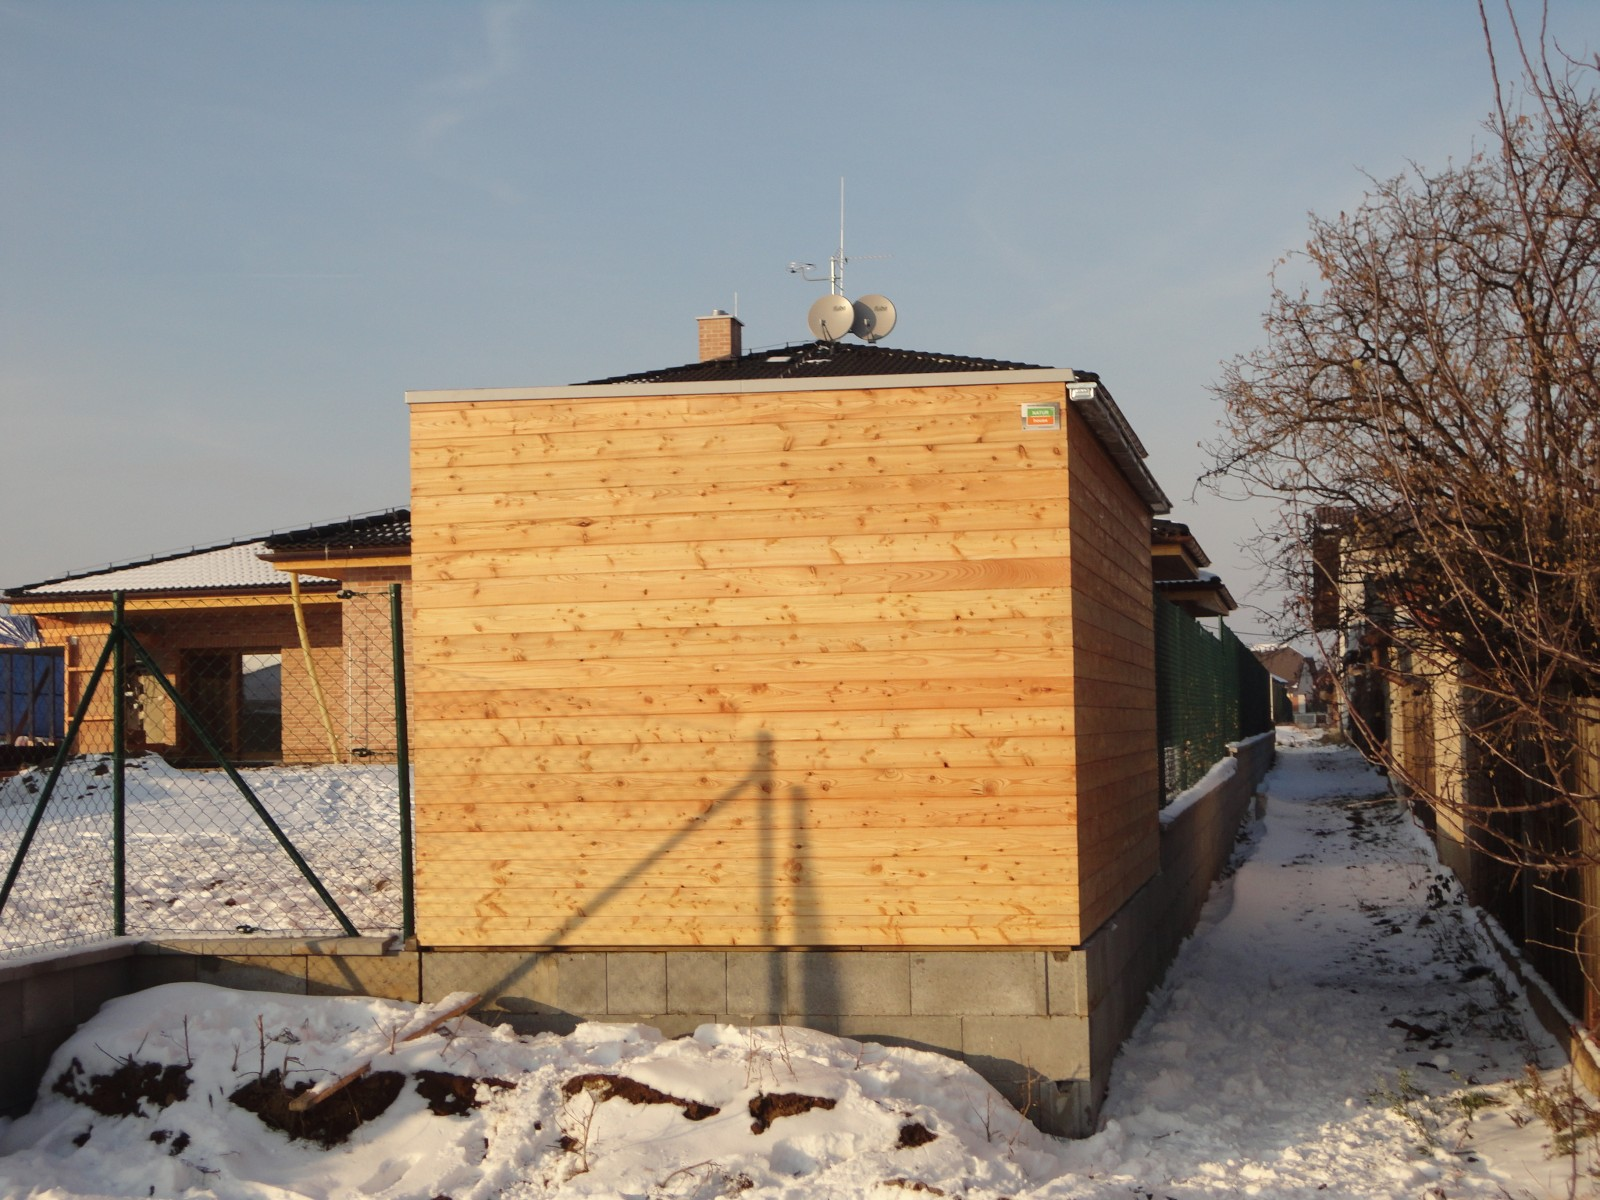 gartenhaus s12 - 5 x2,5 m - zebrak - referenzen naturhouse, Gartengerate ideen